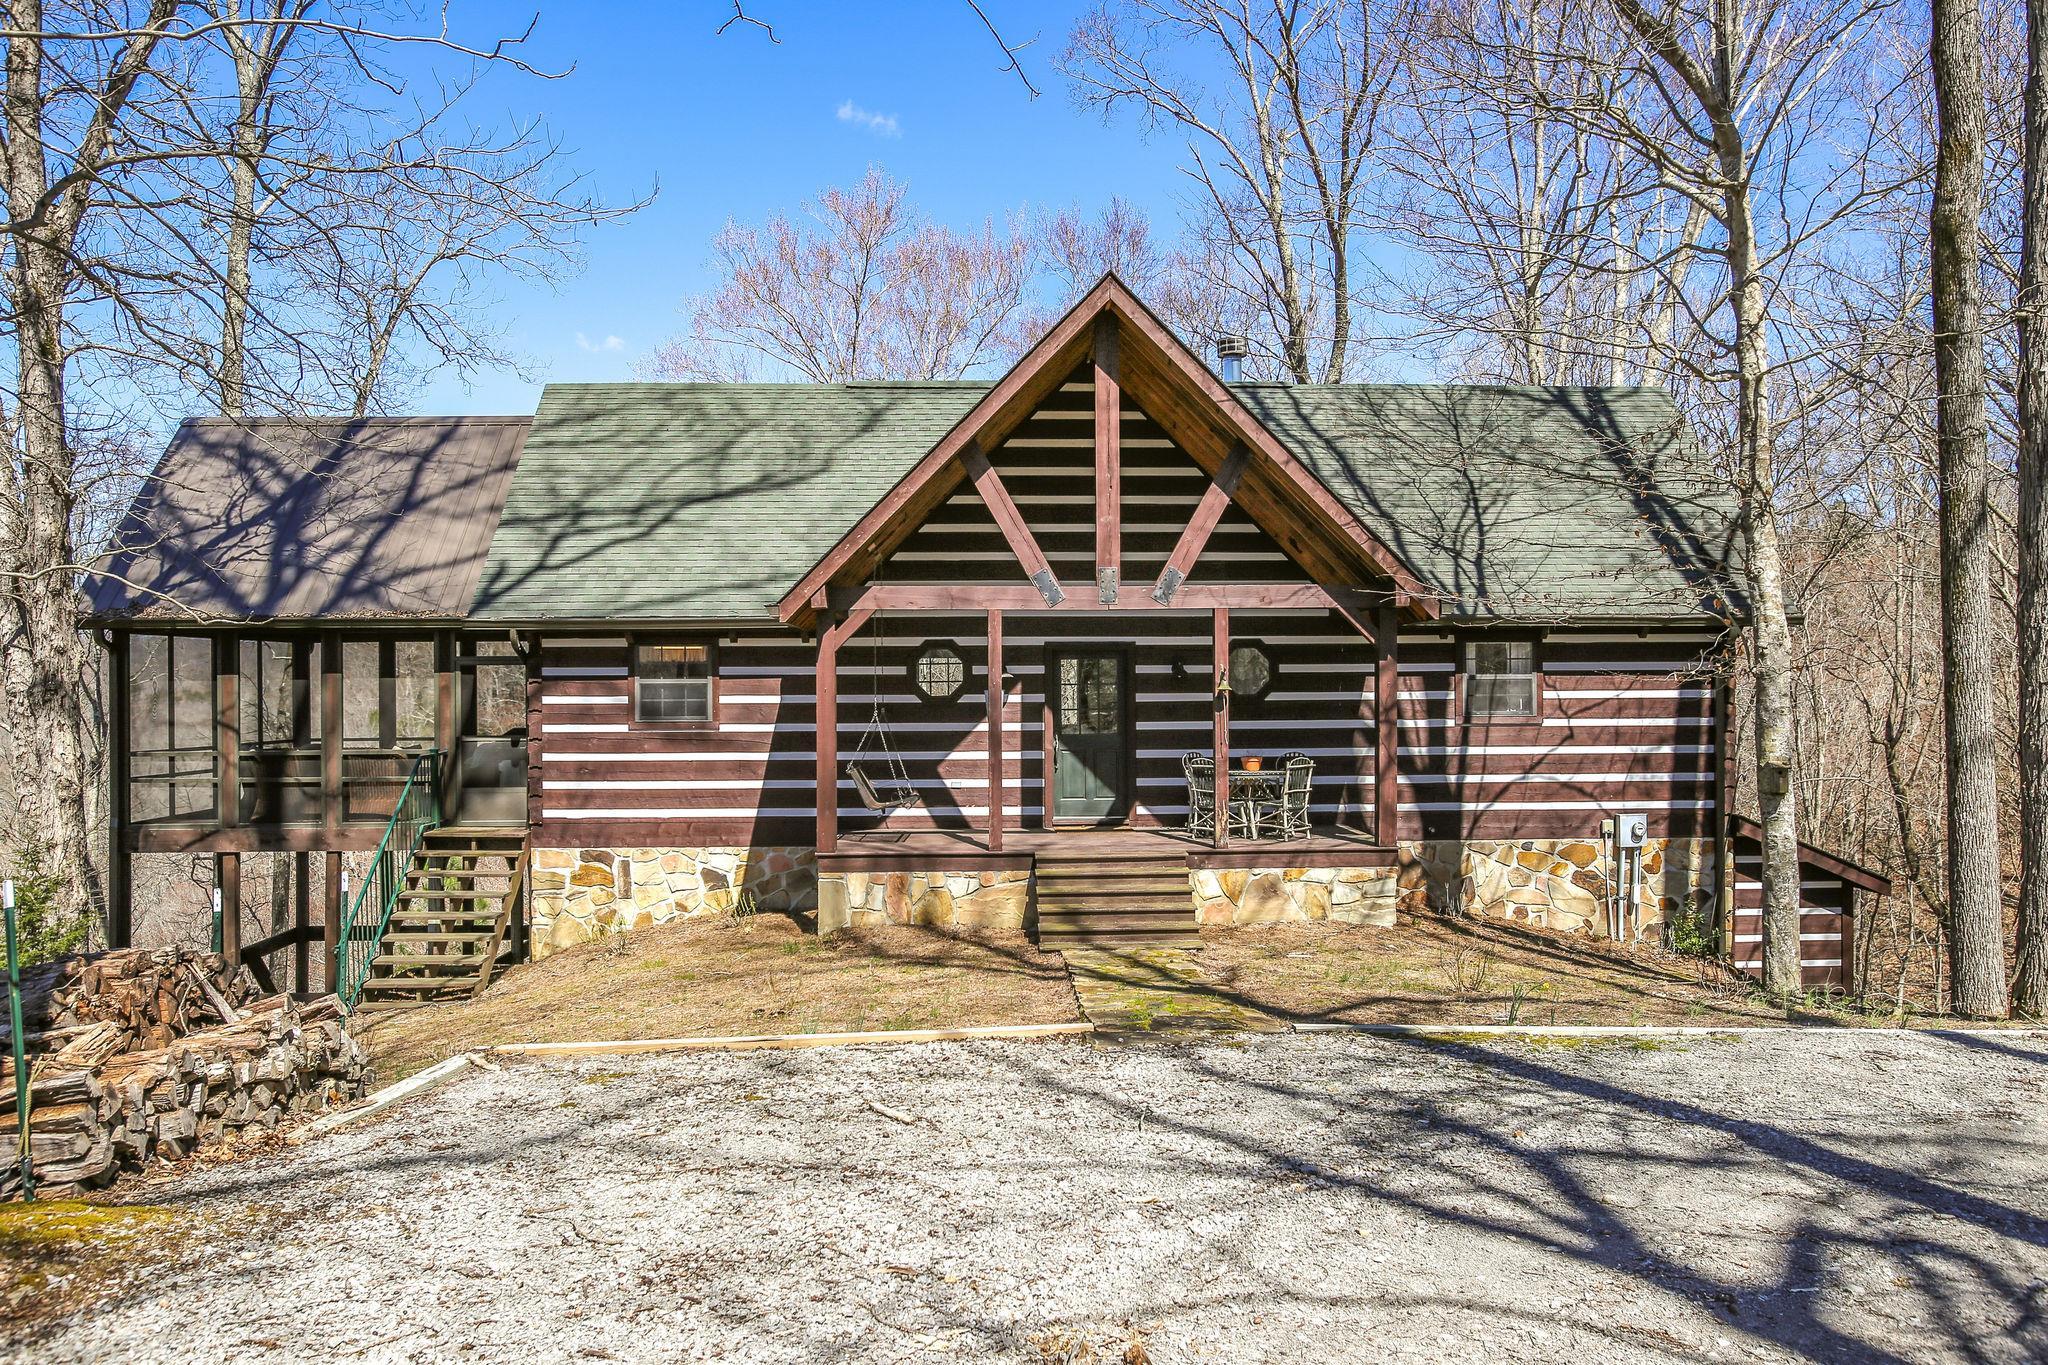 384 October Dr, Smithville, TN 37166 - Smithville, TN real estate listing